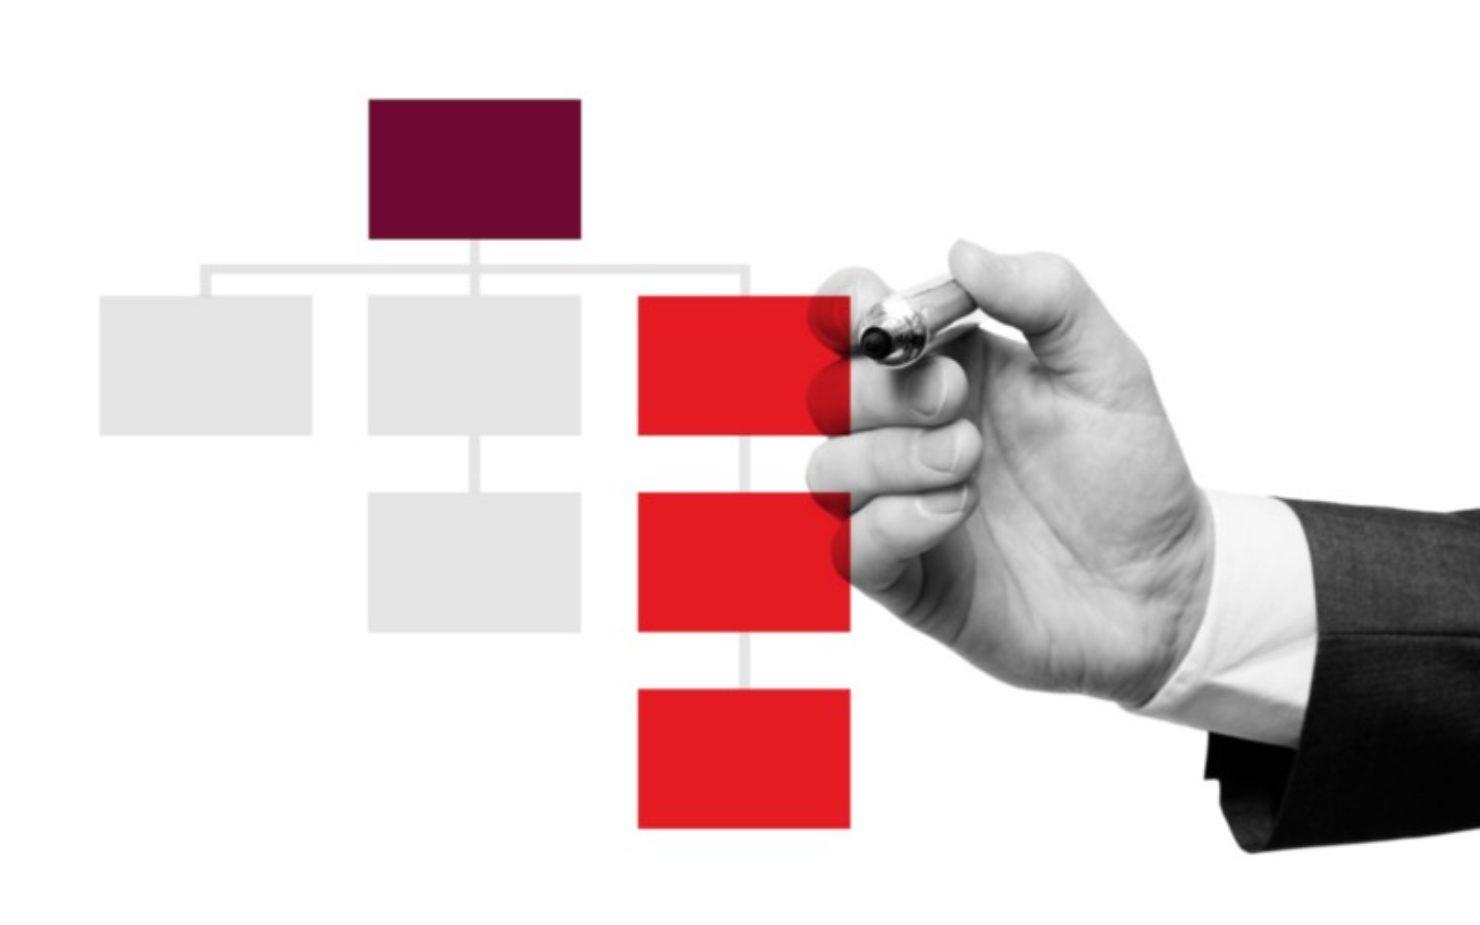 Статьи: UX vs UI vs IA vs IxD: что означают эти аббревиатуры?. Информационная ар